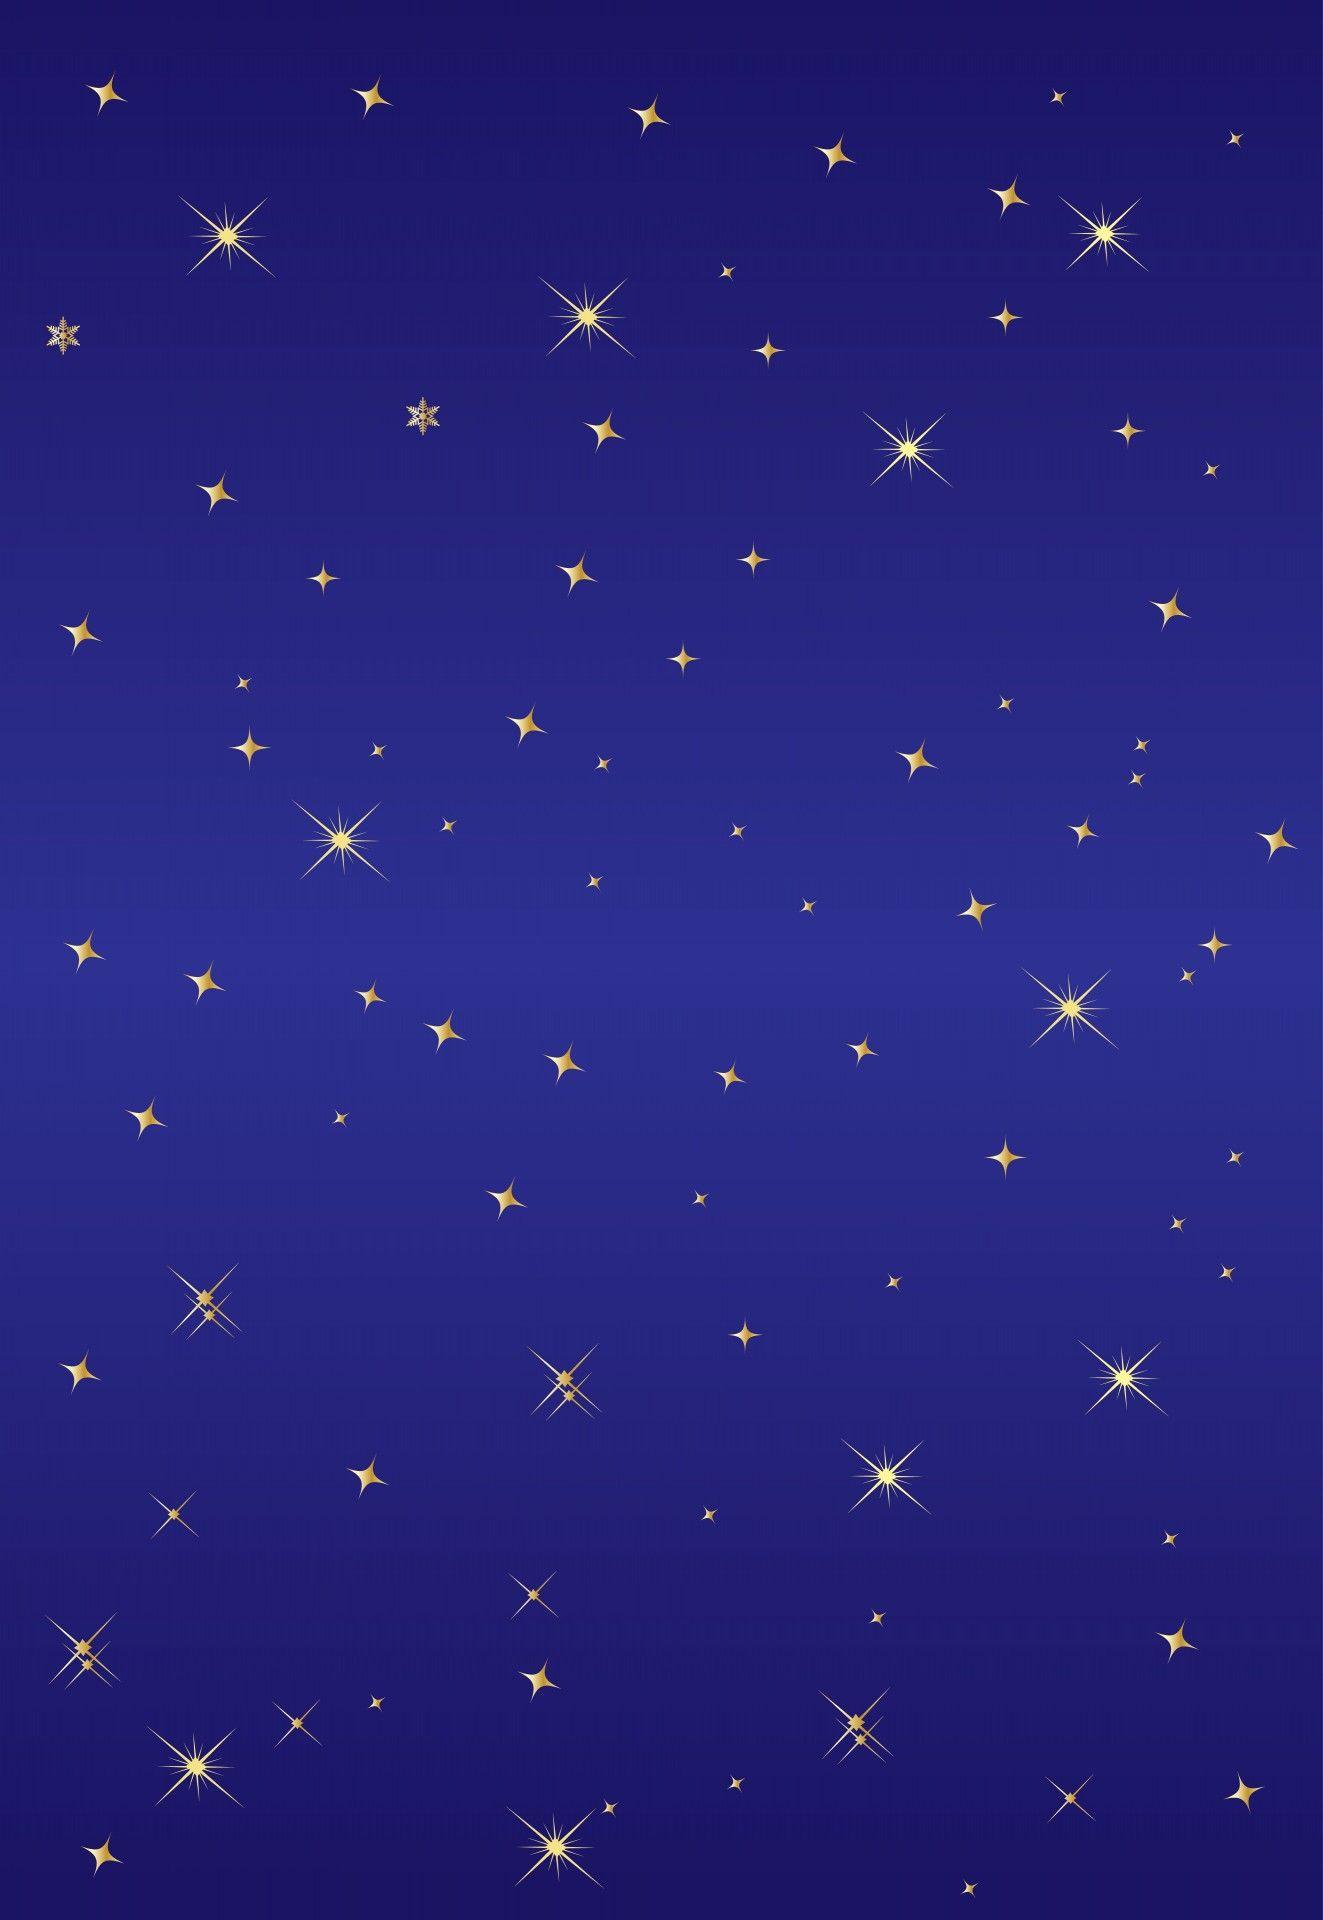 Днем, картинка звездного неба для детей